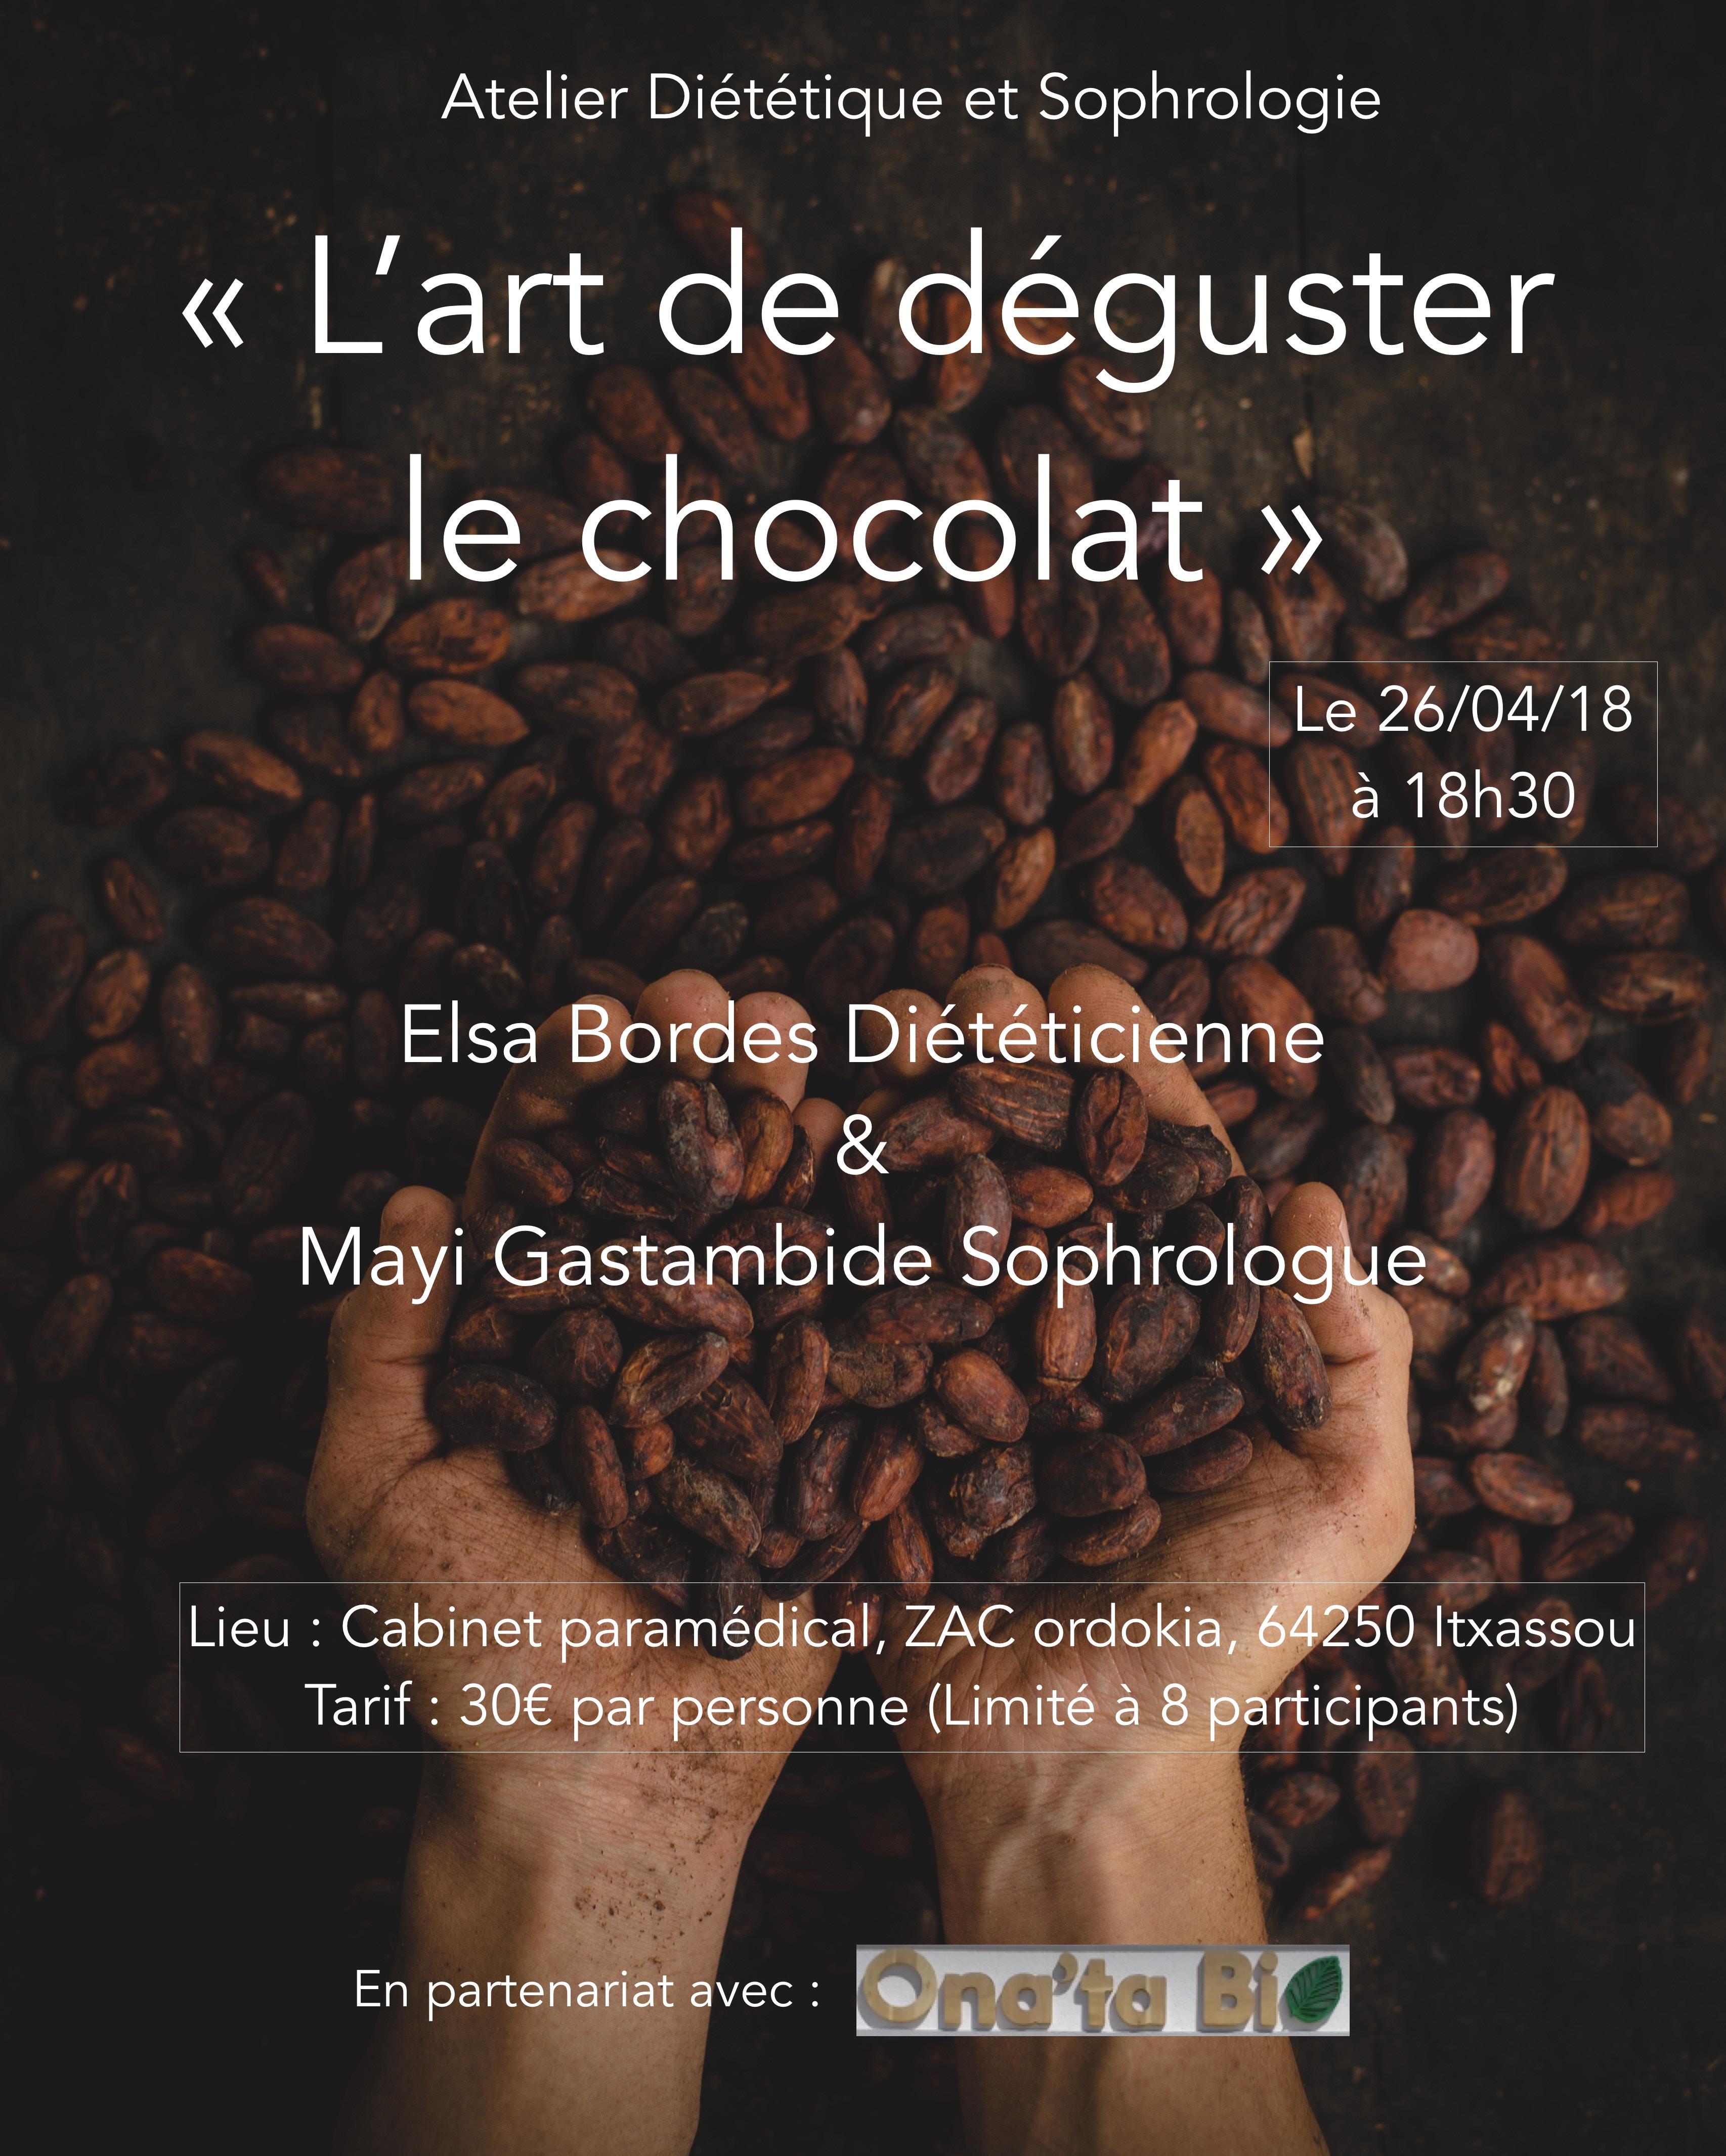 Atelier diététique et sphrologie : l'art de déguster le chocolat